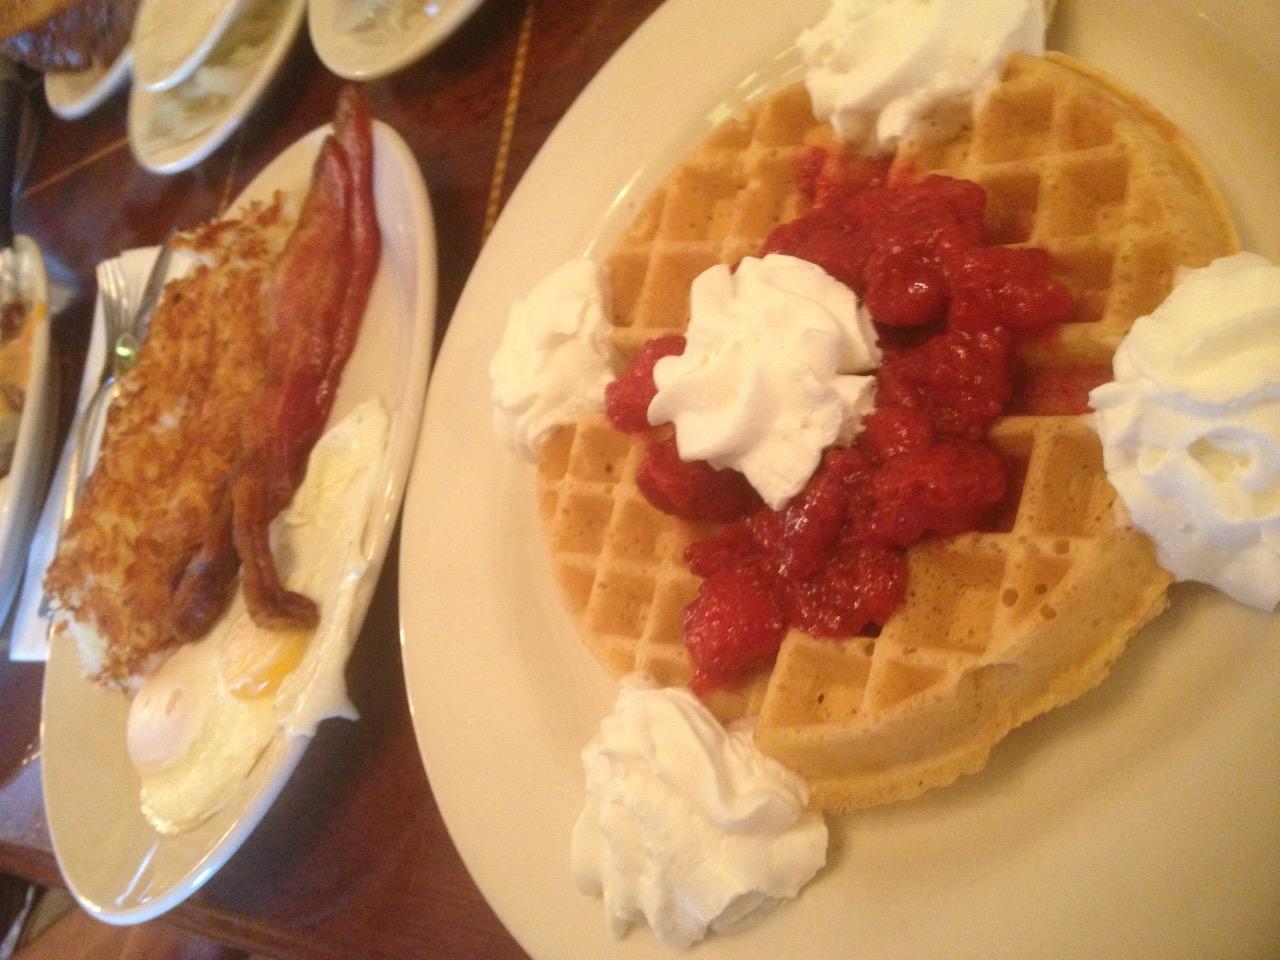 Franks Diner Breakfast In Spokane – April 23 2013